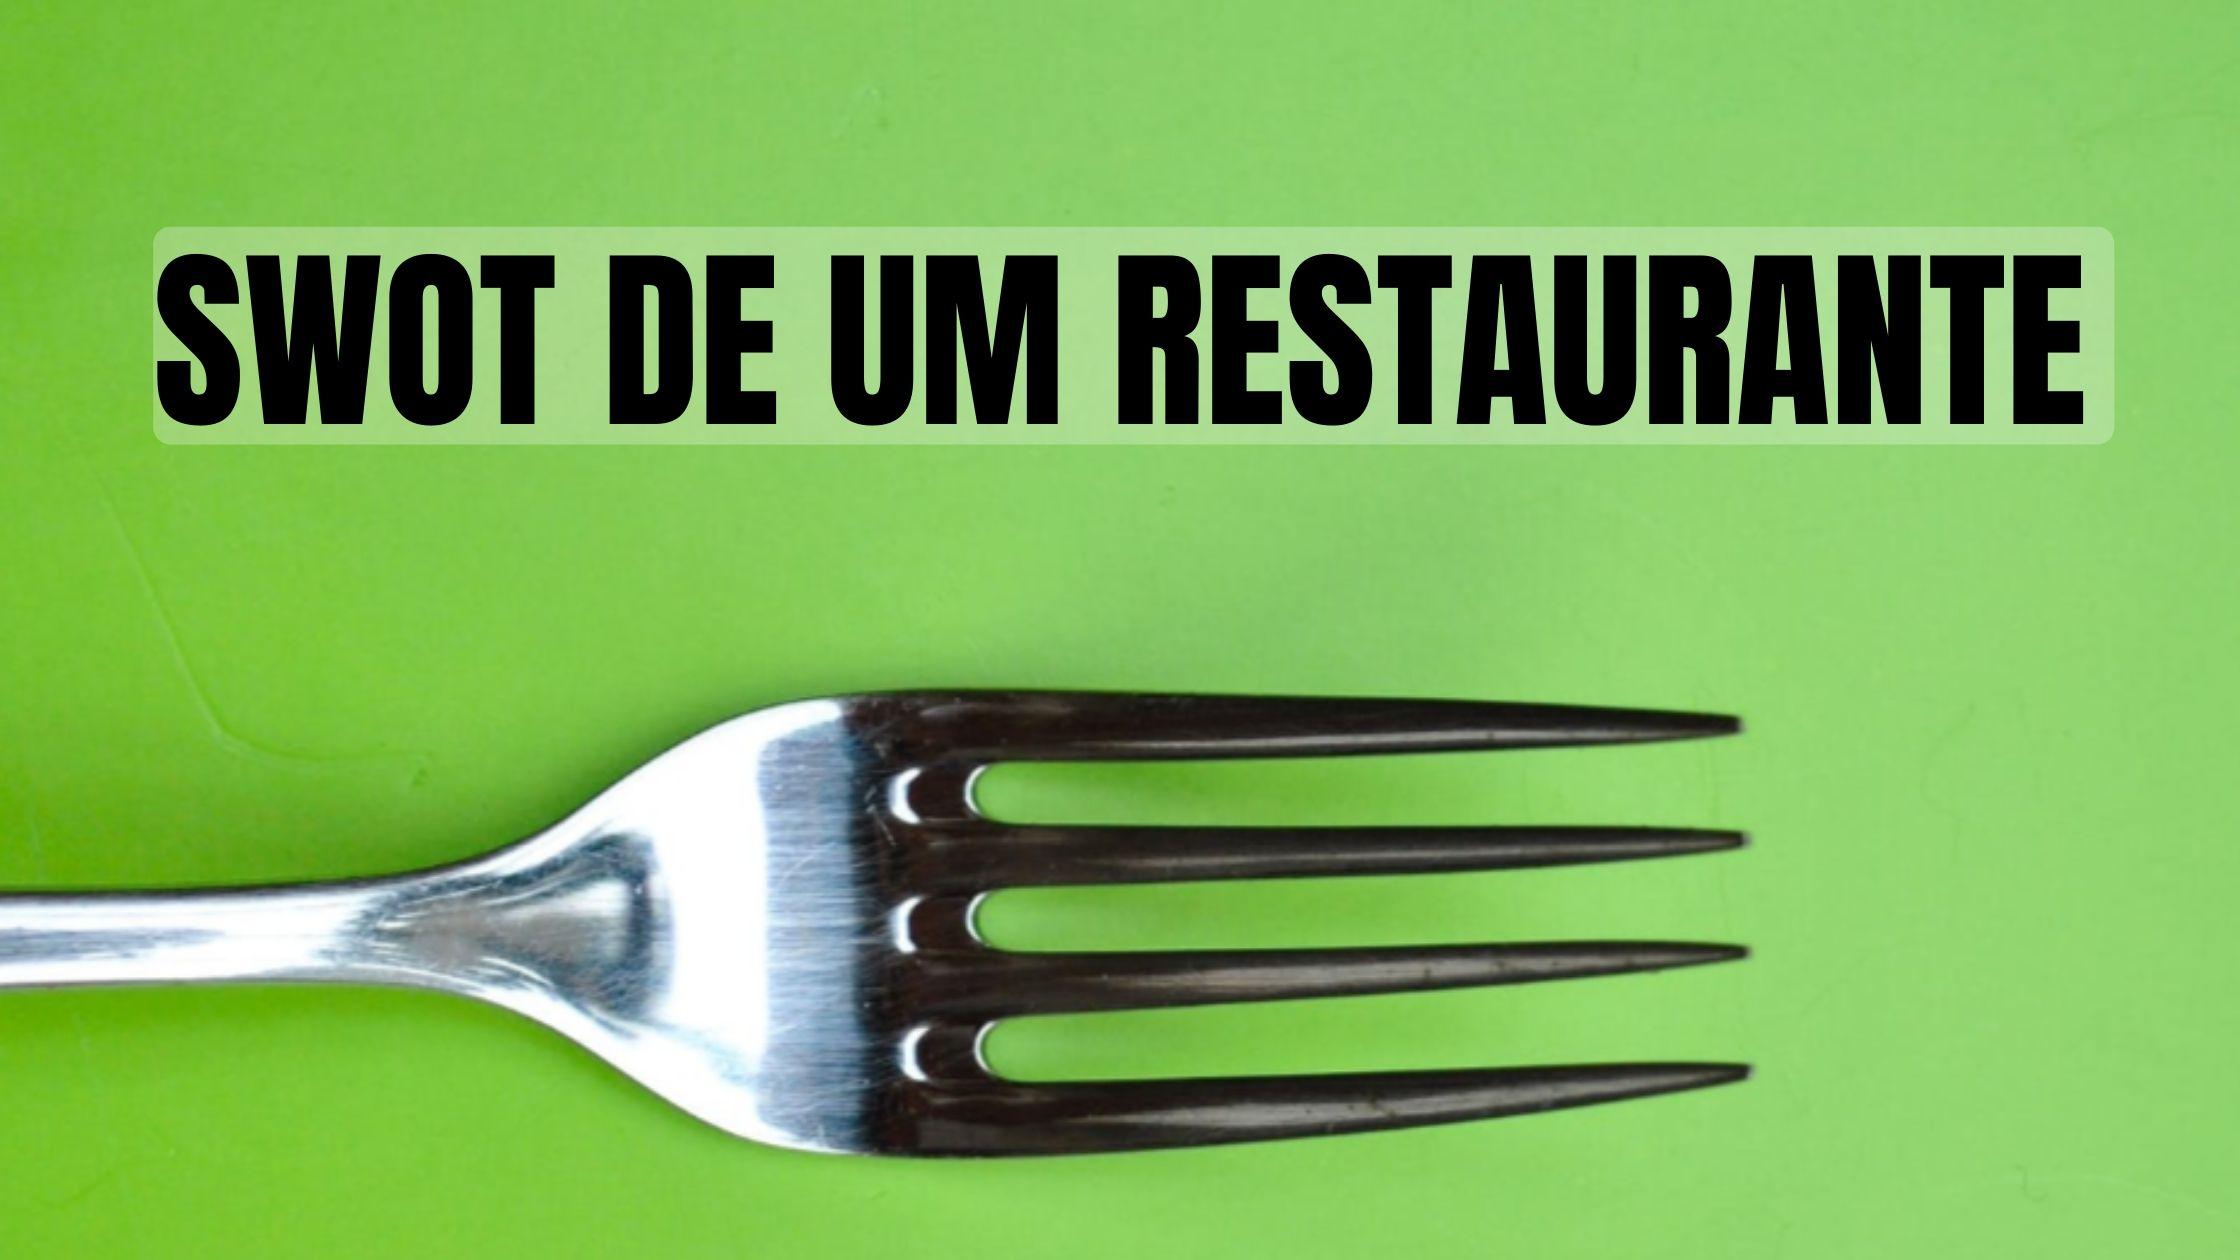 SWOT DE UM RESTAURANTE